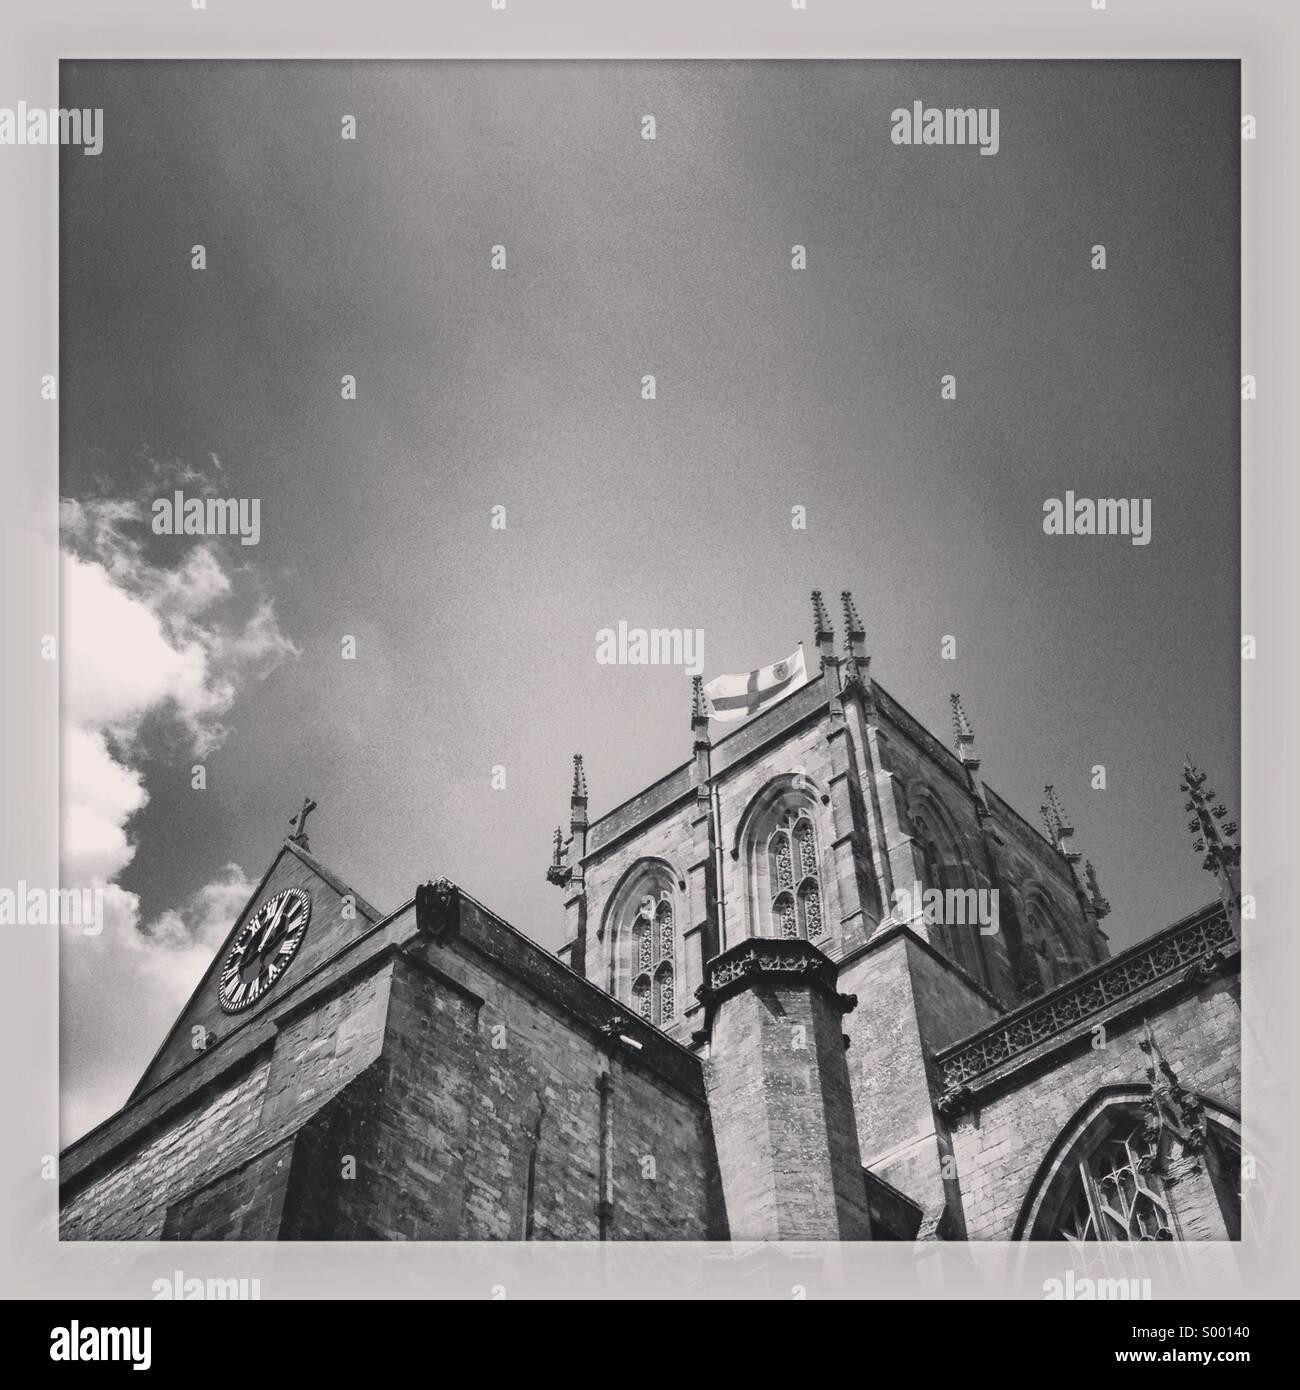 La luz brilla sobre el techo de la iglesia, Sherborne, Inglaterra Imagen De Stock